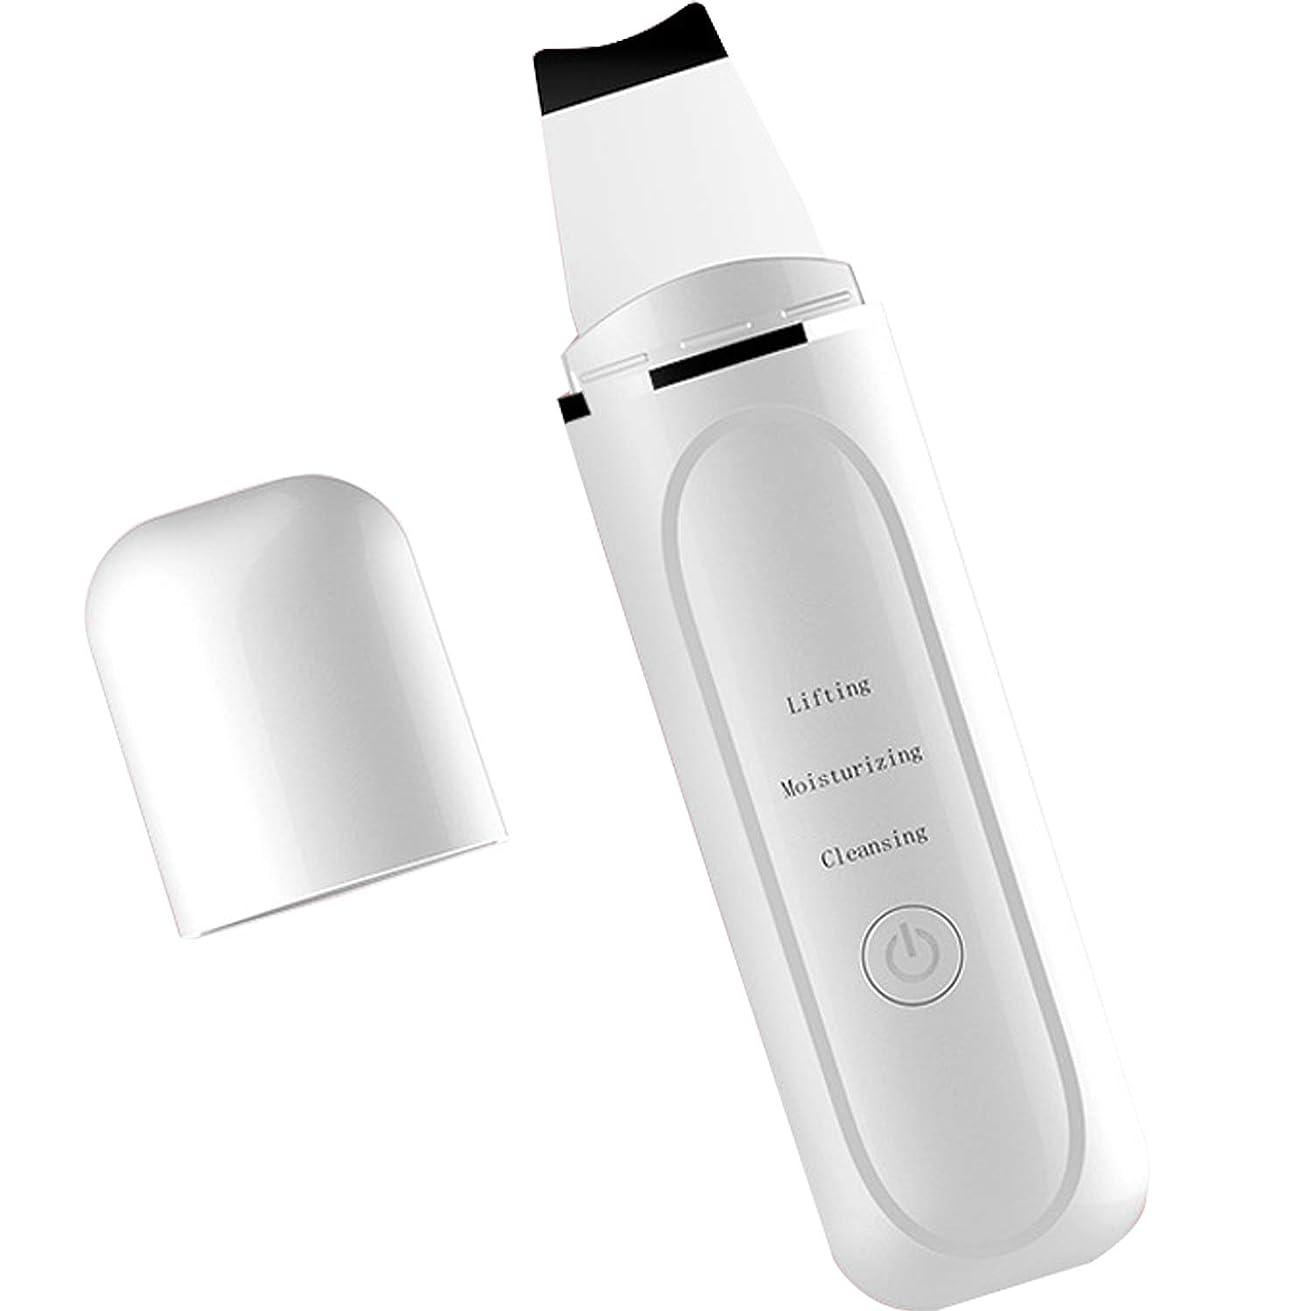 みかMIKA ウォーターピーリング 超音波ピーリング 超音波美顔器 美顔機 イオン美容 イオン導出?イオン導入 USB充電 黒ずみ 汚れ除去 ニキビ フェースケア 多機能